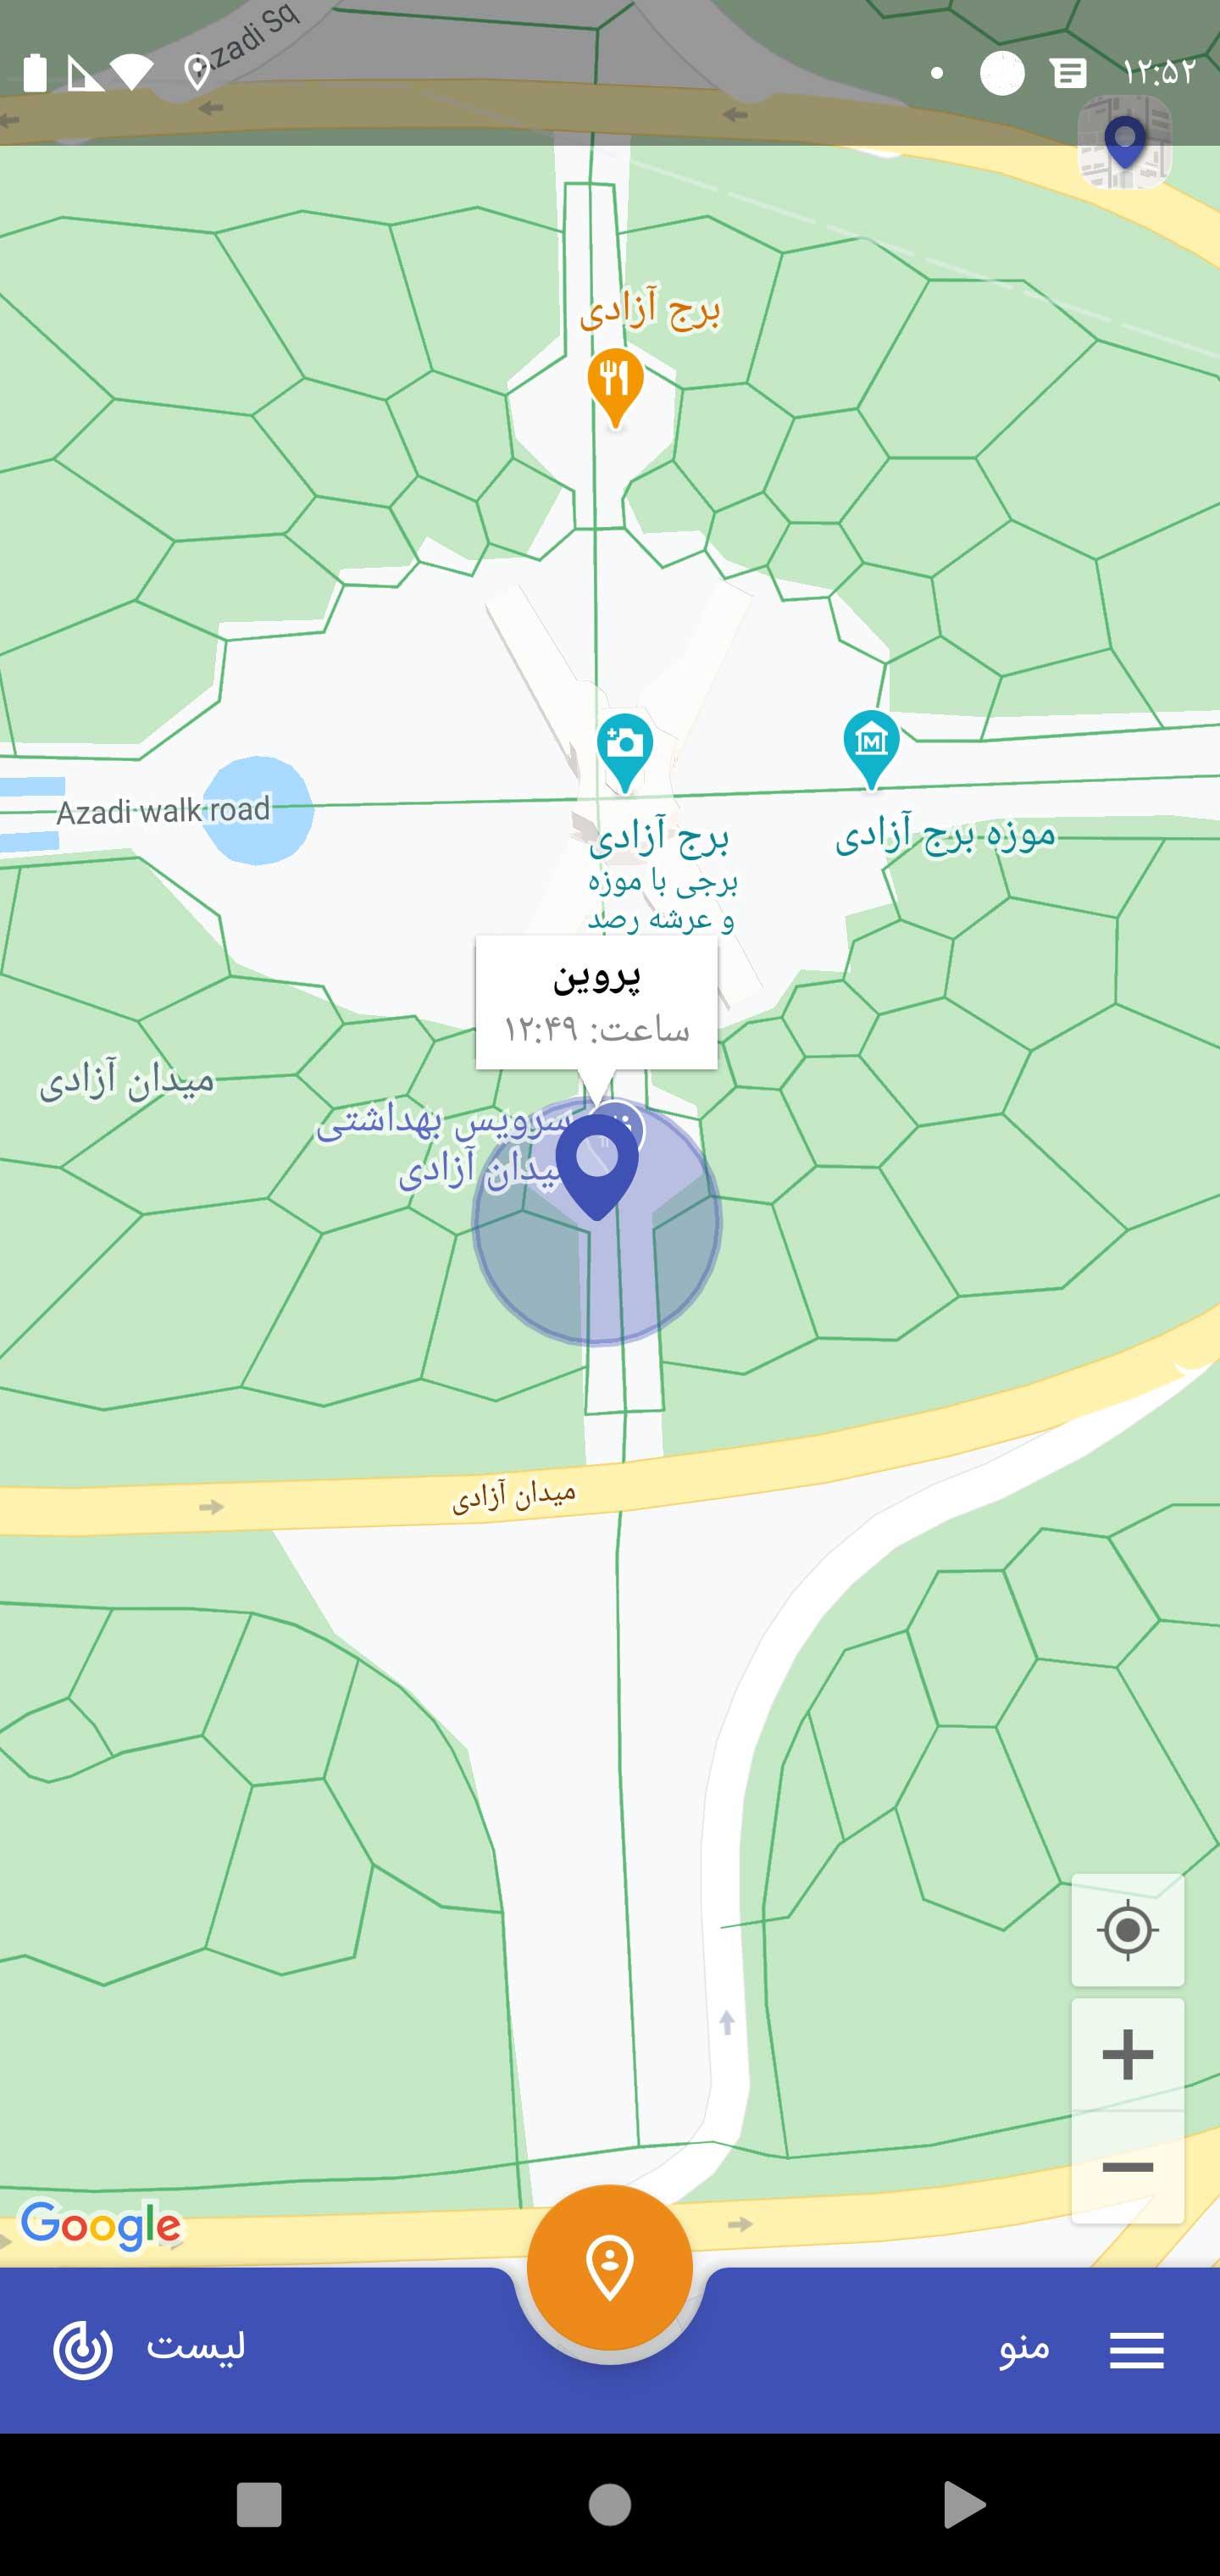 نمایش موقعیت در نقشه